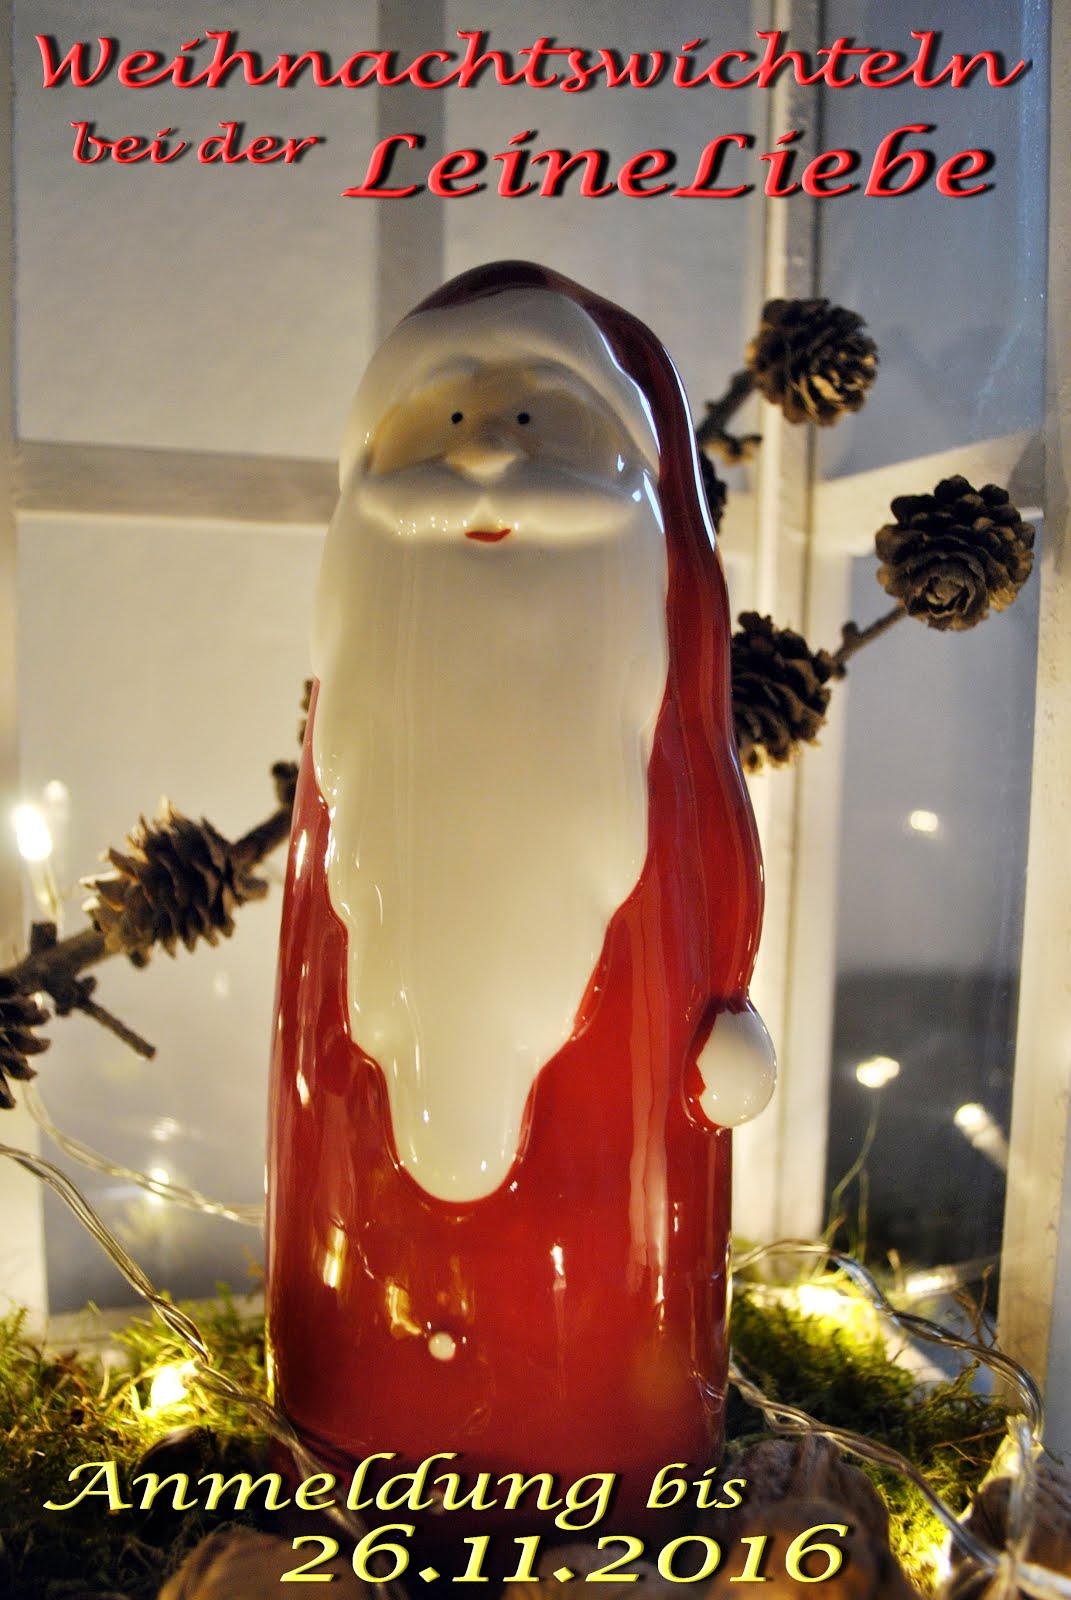 Weihnachtswichteln bei Leineliebe